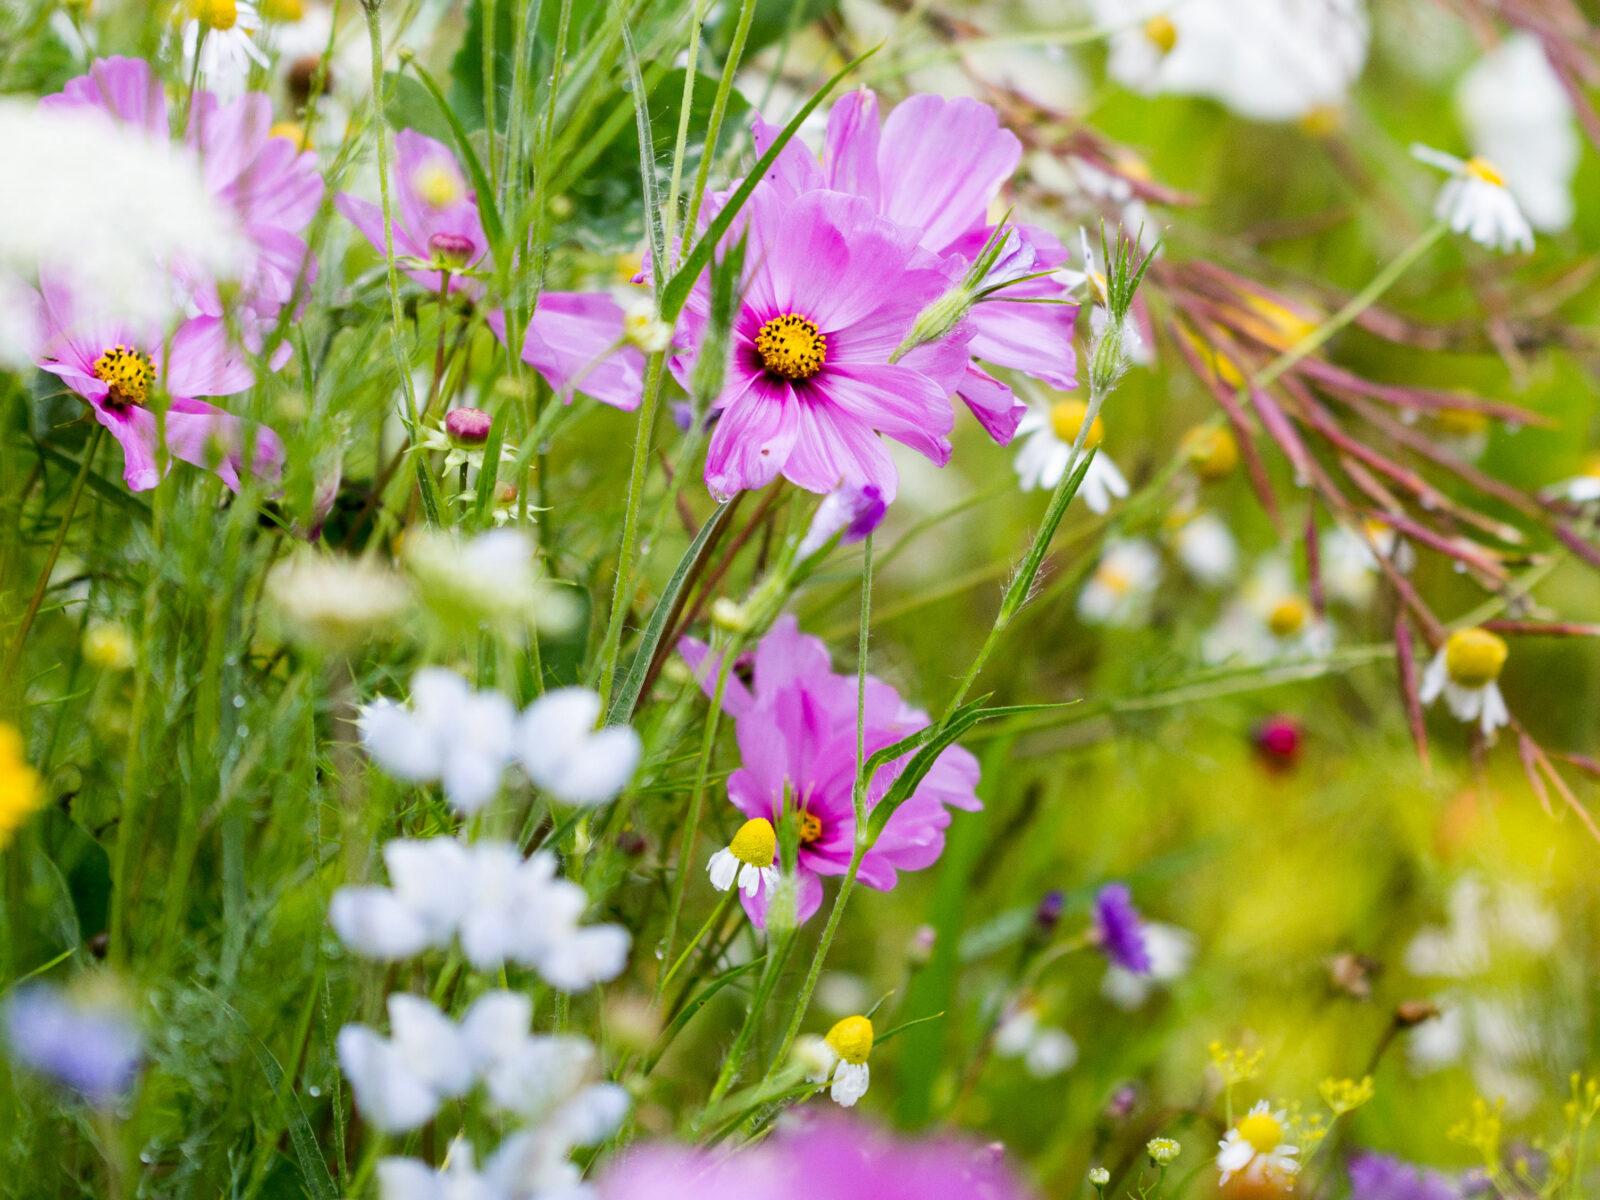 Blommor, prästkrage, äng, blomsteräng, sommar, vallmo